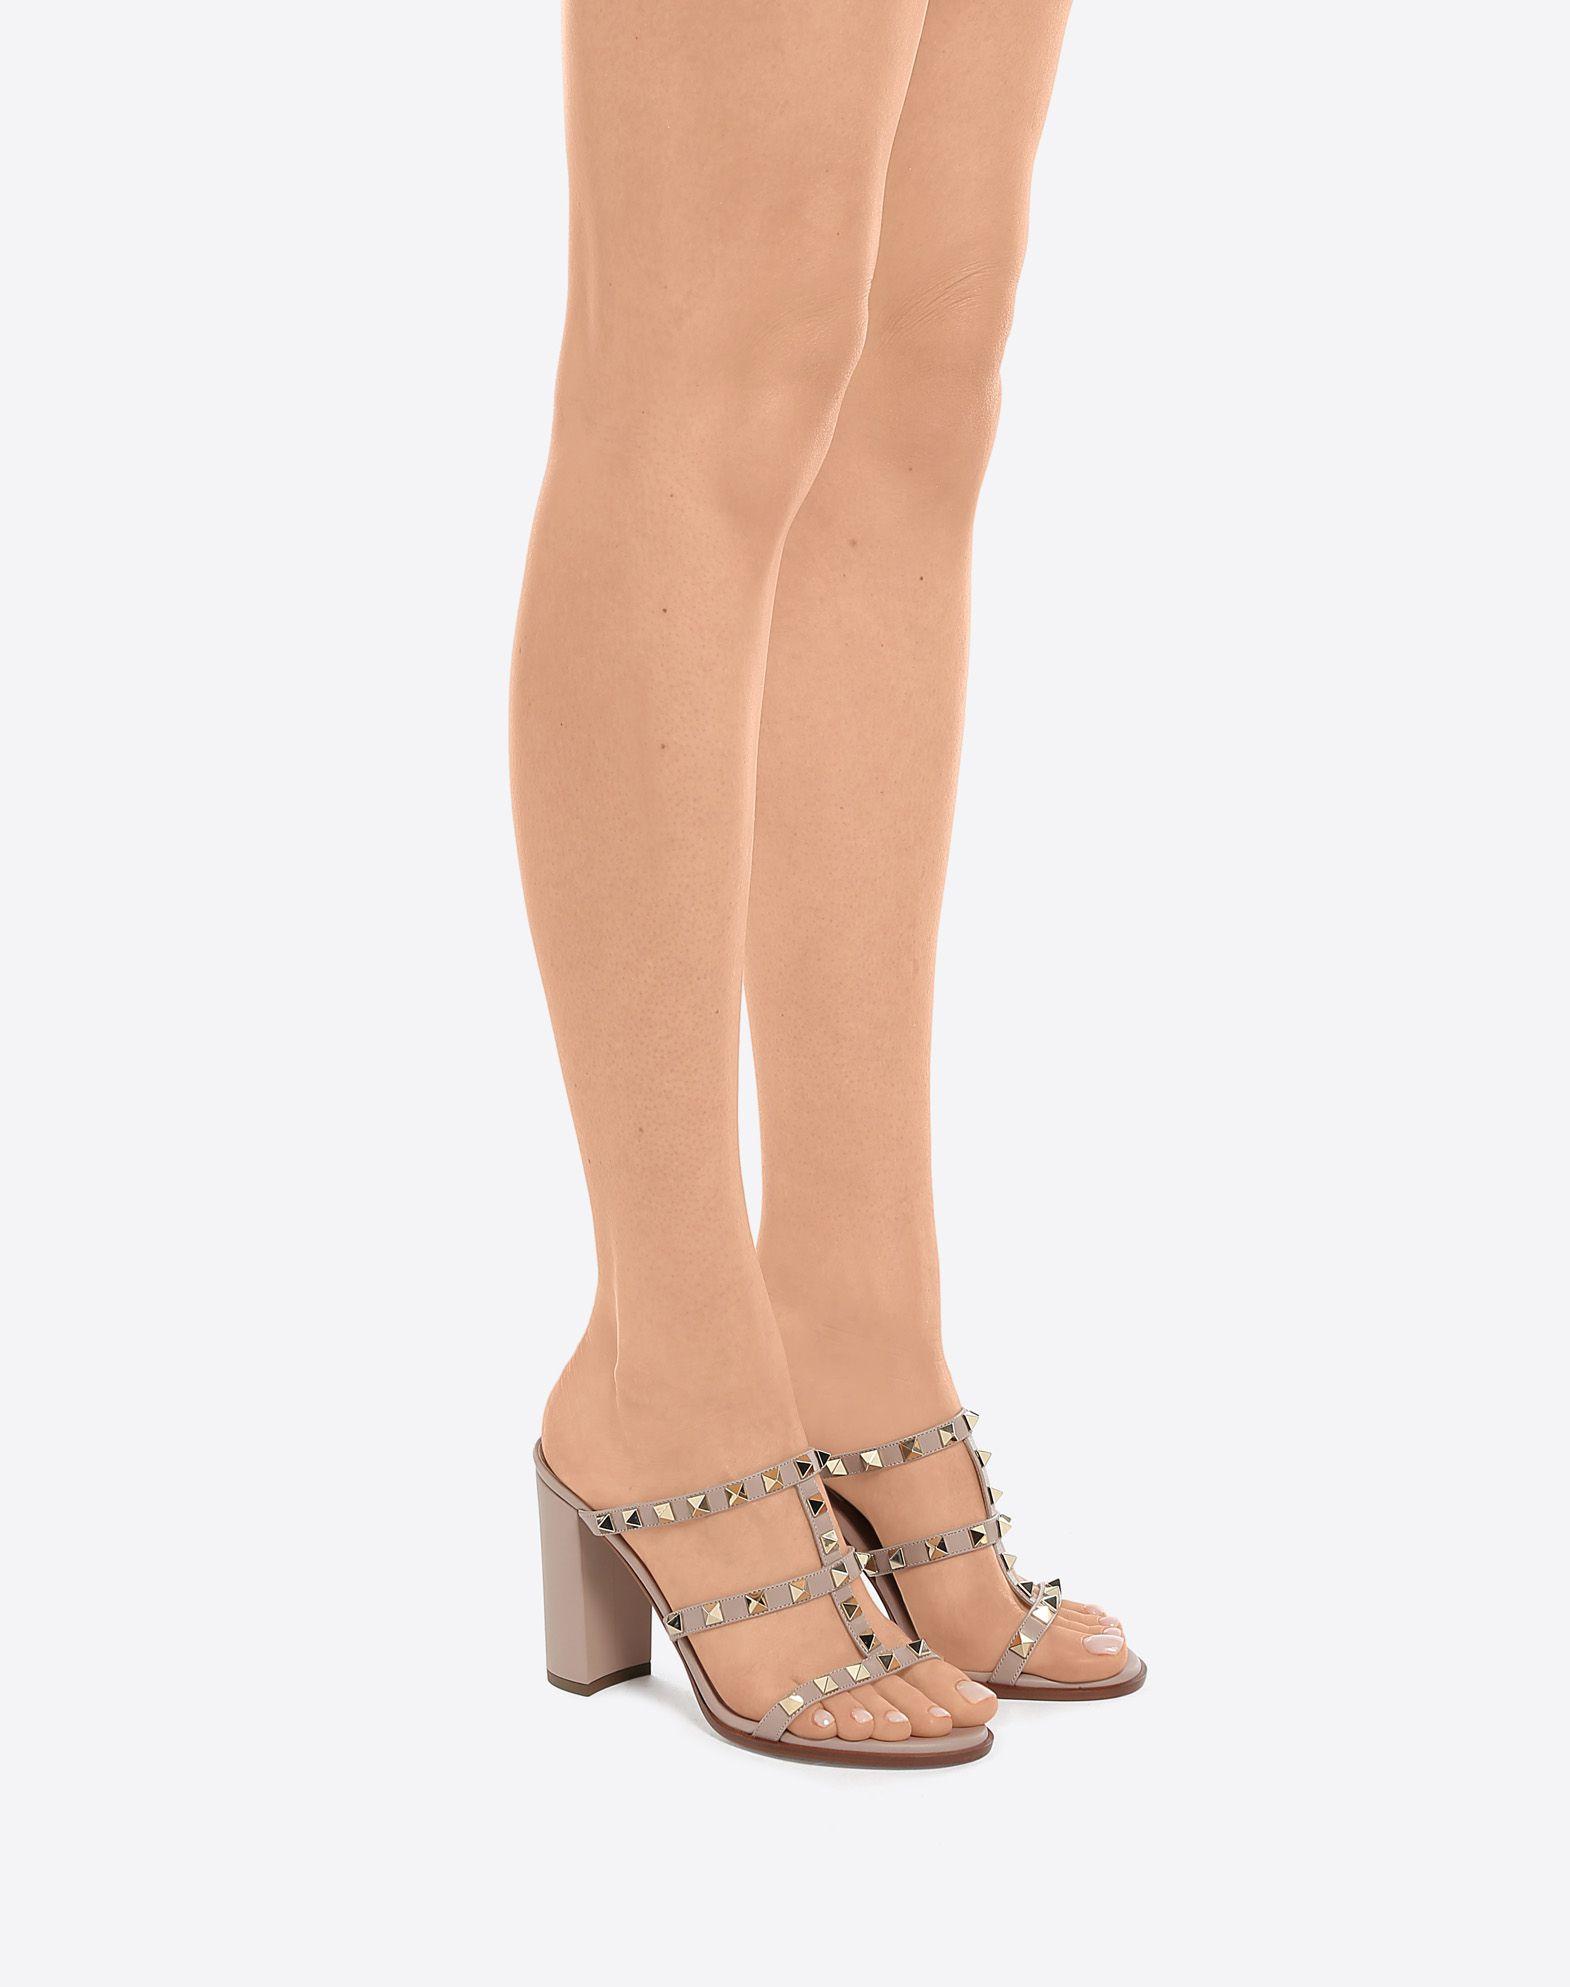 Valentino Garavani Rockstud sandals P9ZzapL2K